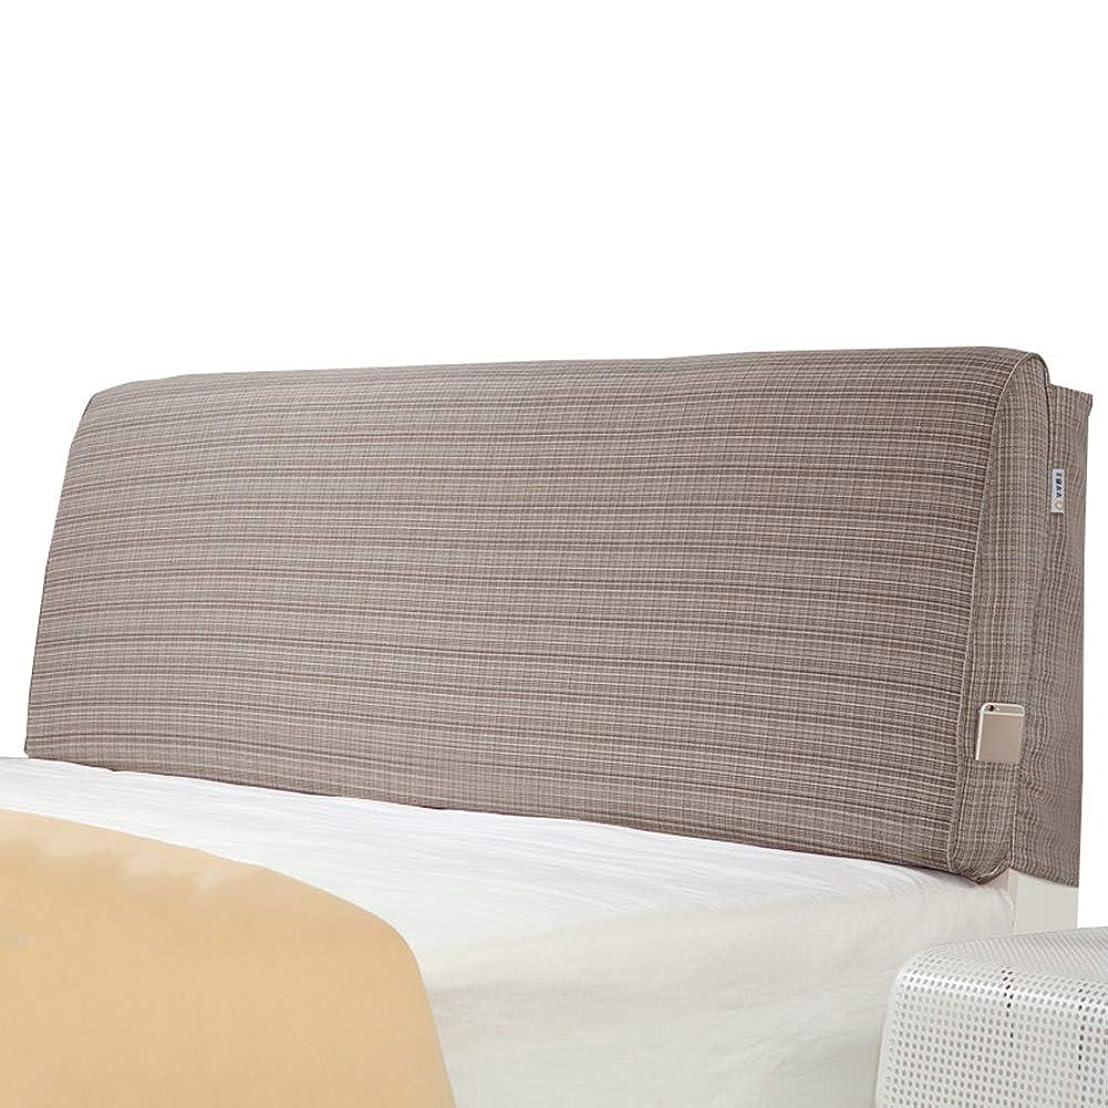 力学フィード抑圧WZBヘッドボードクッション 快適なウエストサイドポケット取り外し可能、5サイズ、5色をサポート(色:A-ライトブラウン、サイズ:90x60x10cm)